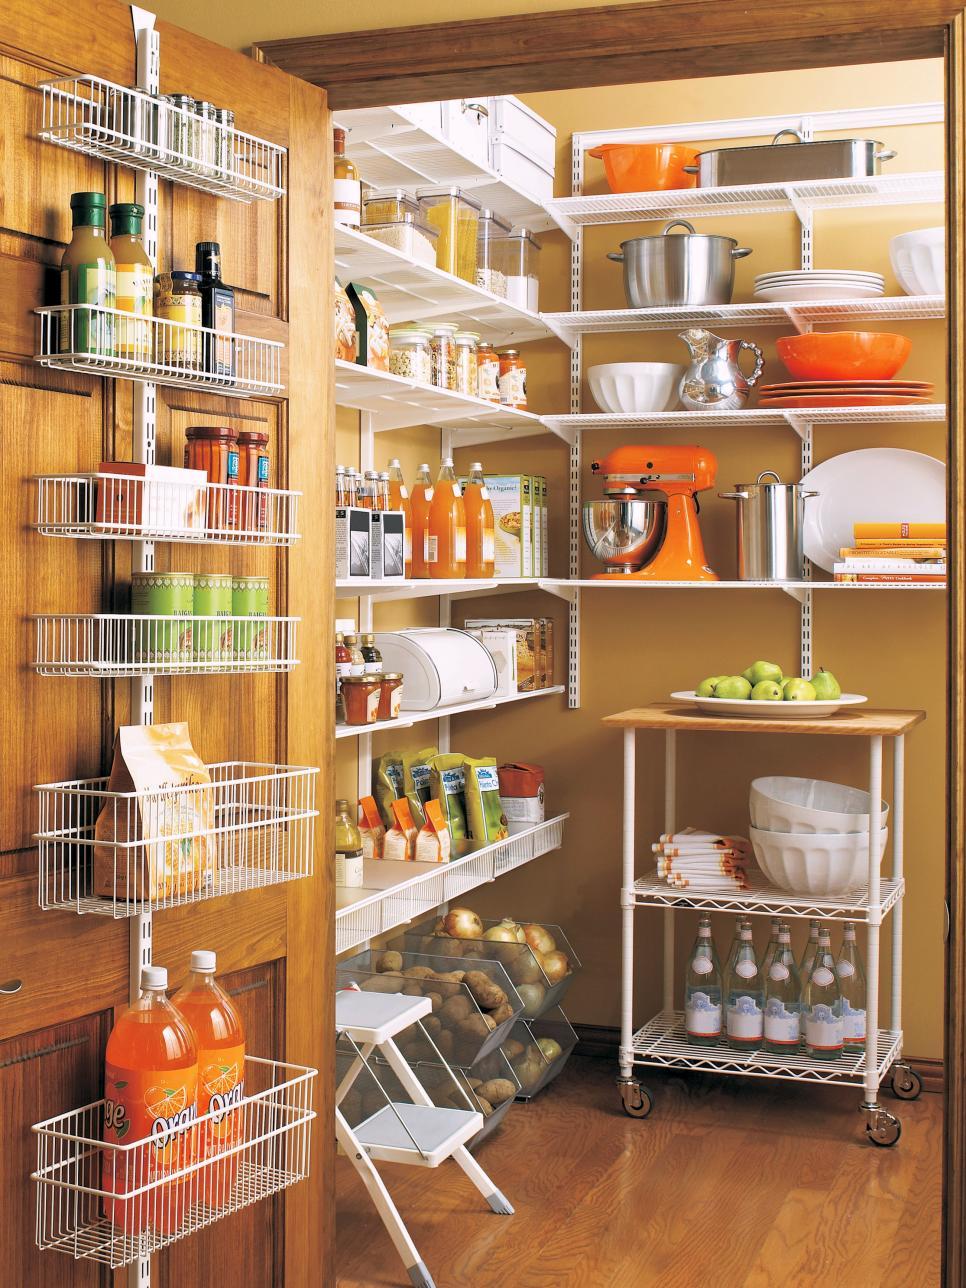 Pantry storage flatware storage GEUCMWZ